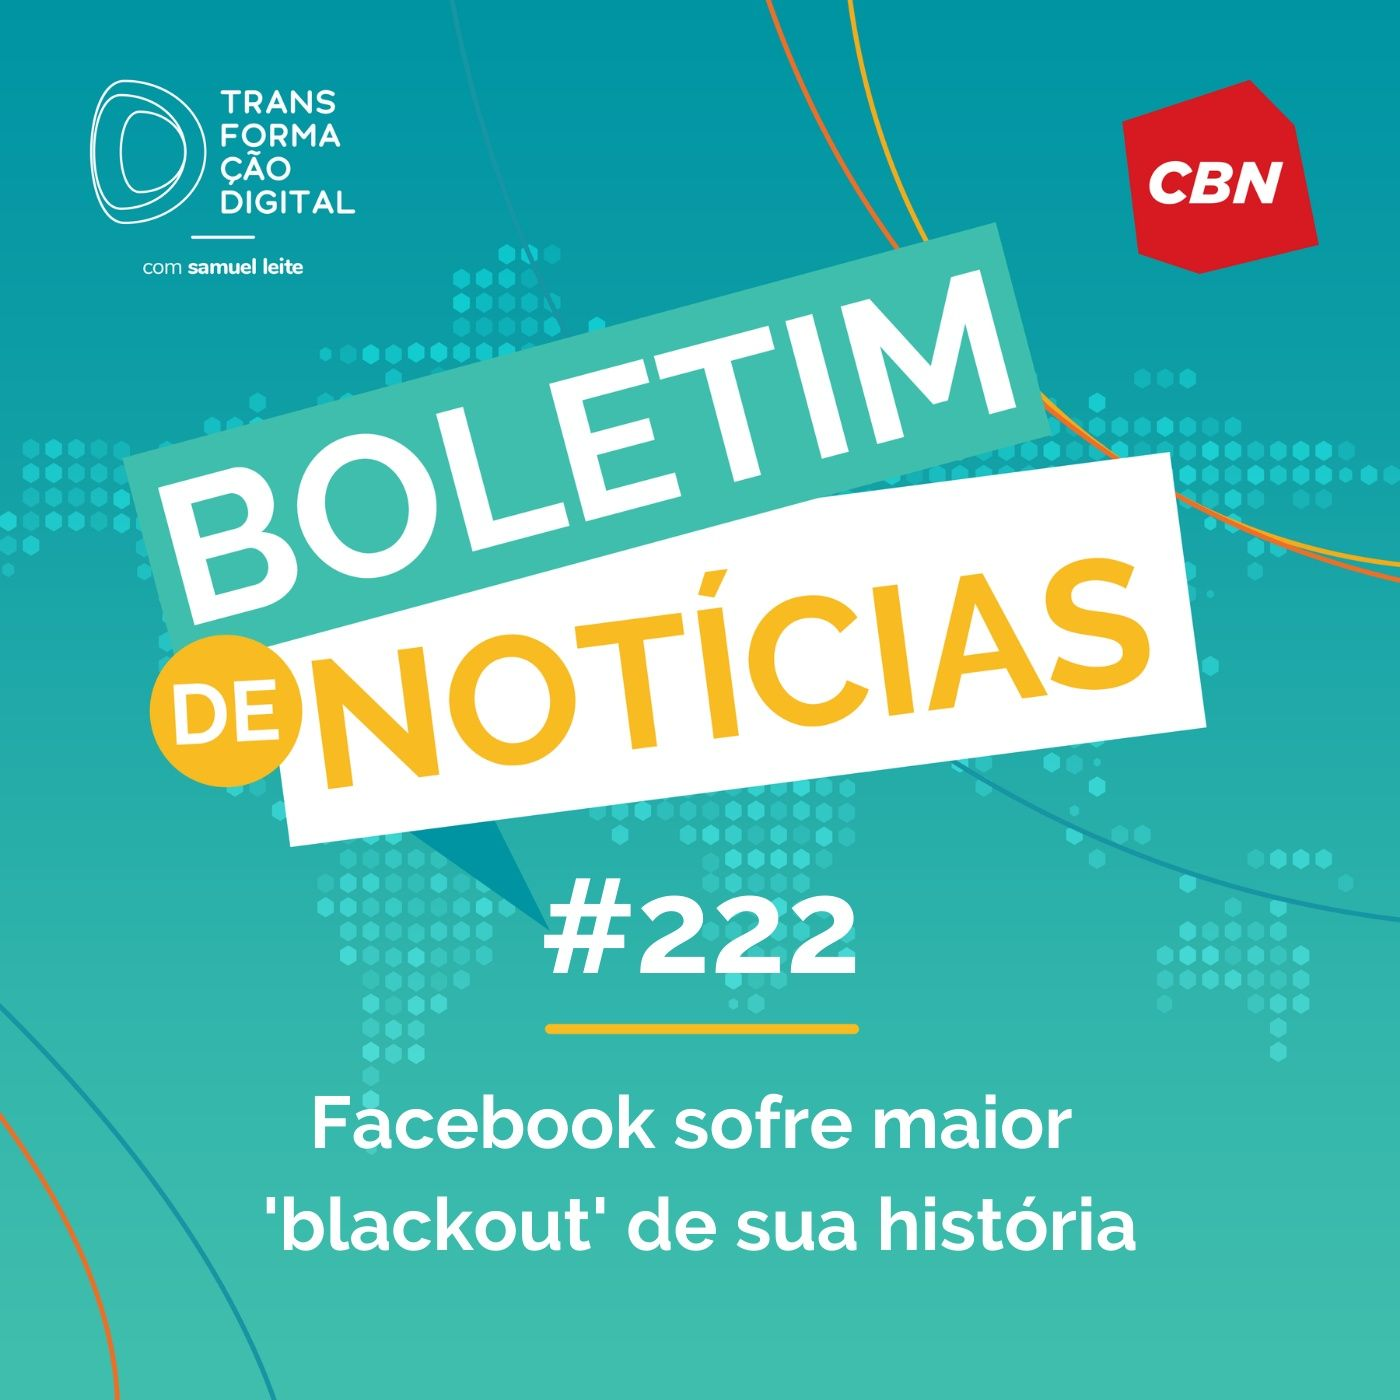 Transformação Digital CBN - Boletim URGENTE de Notícias #222 - Facebook sofre maior apagão de sua história